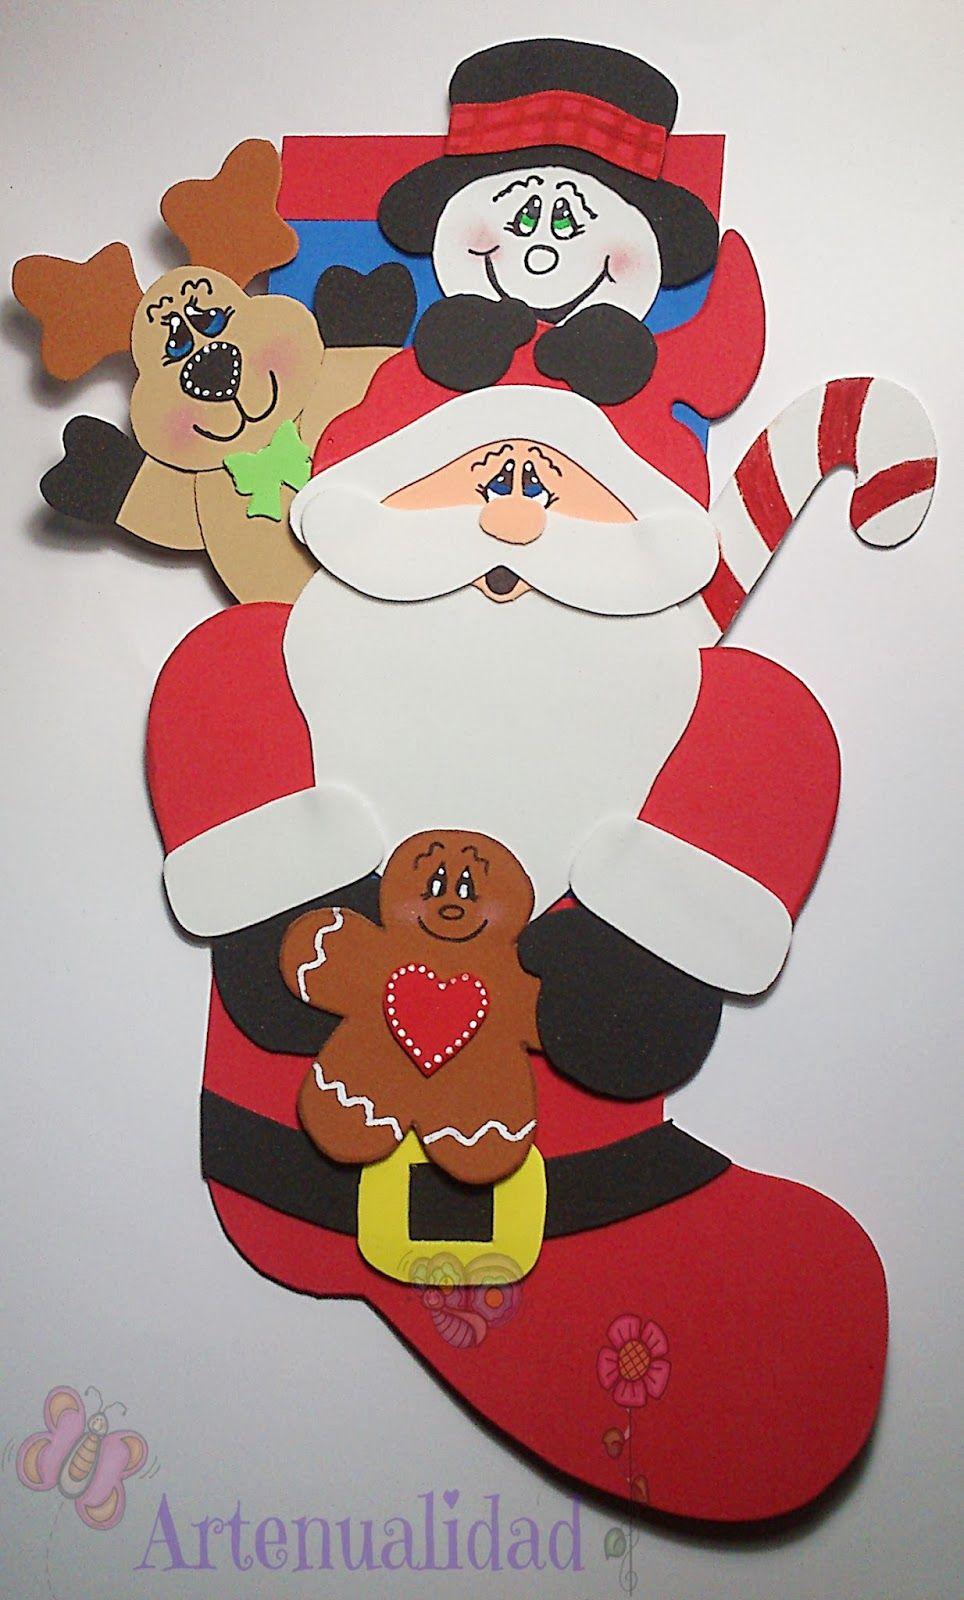 Artenualidad bota navide a de papa noel y sus amigos - Manualidades para hacer en navidad ...